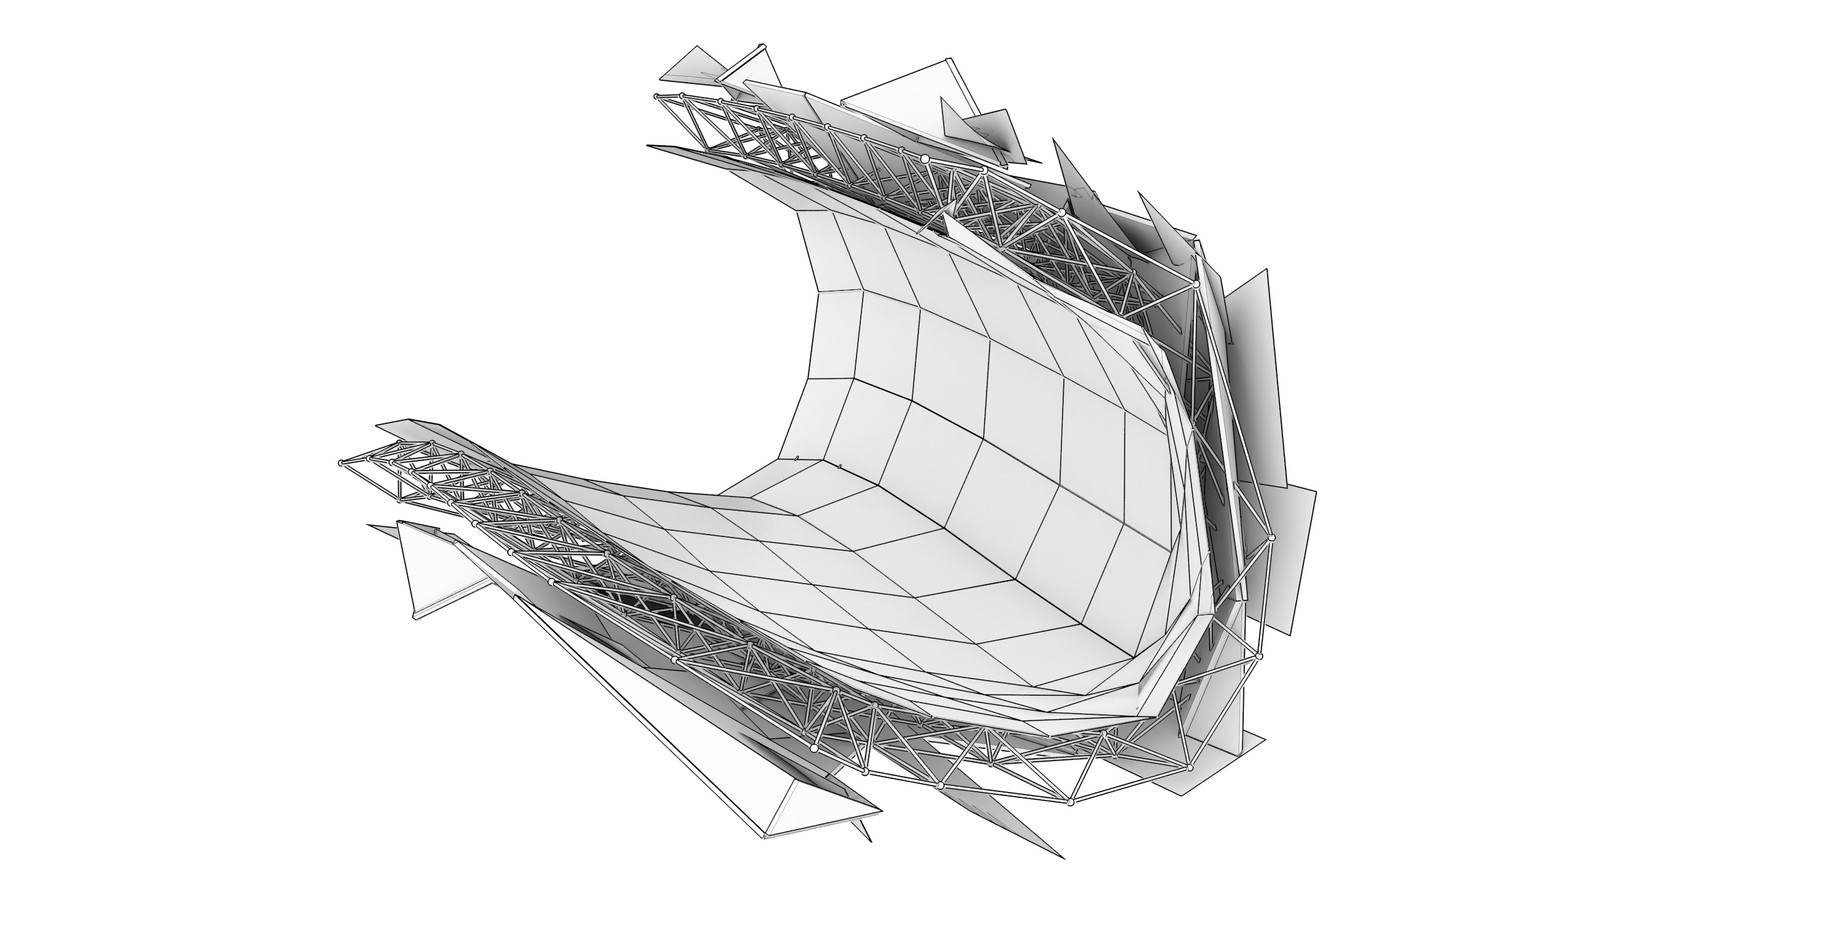 Panel Density Study II